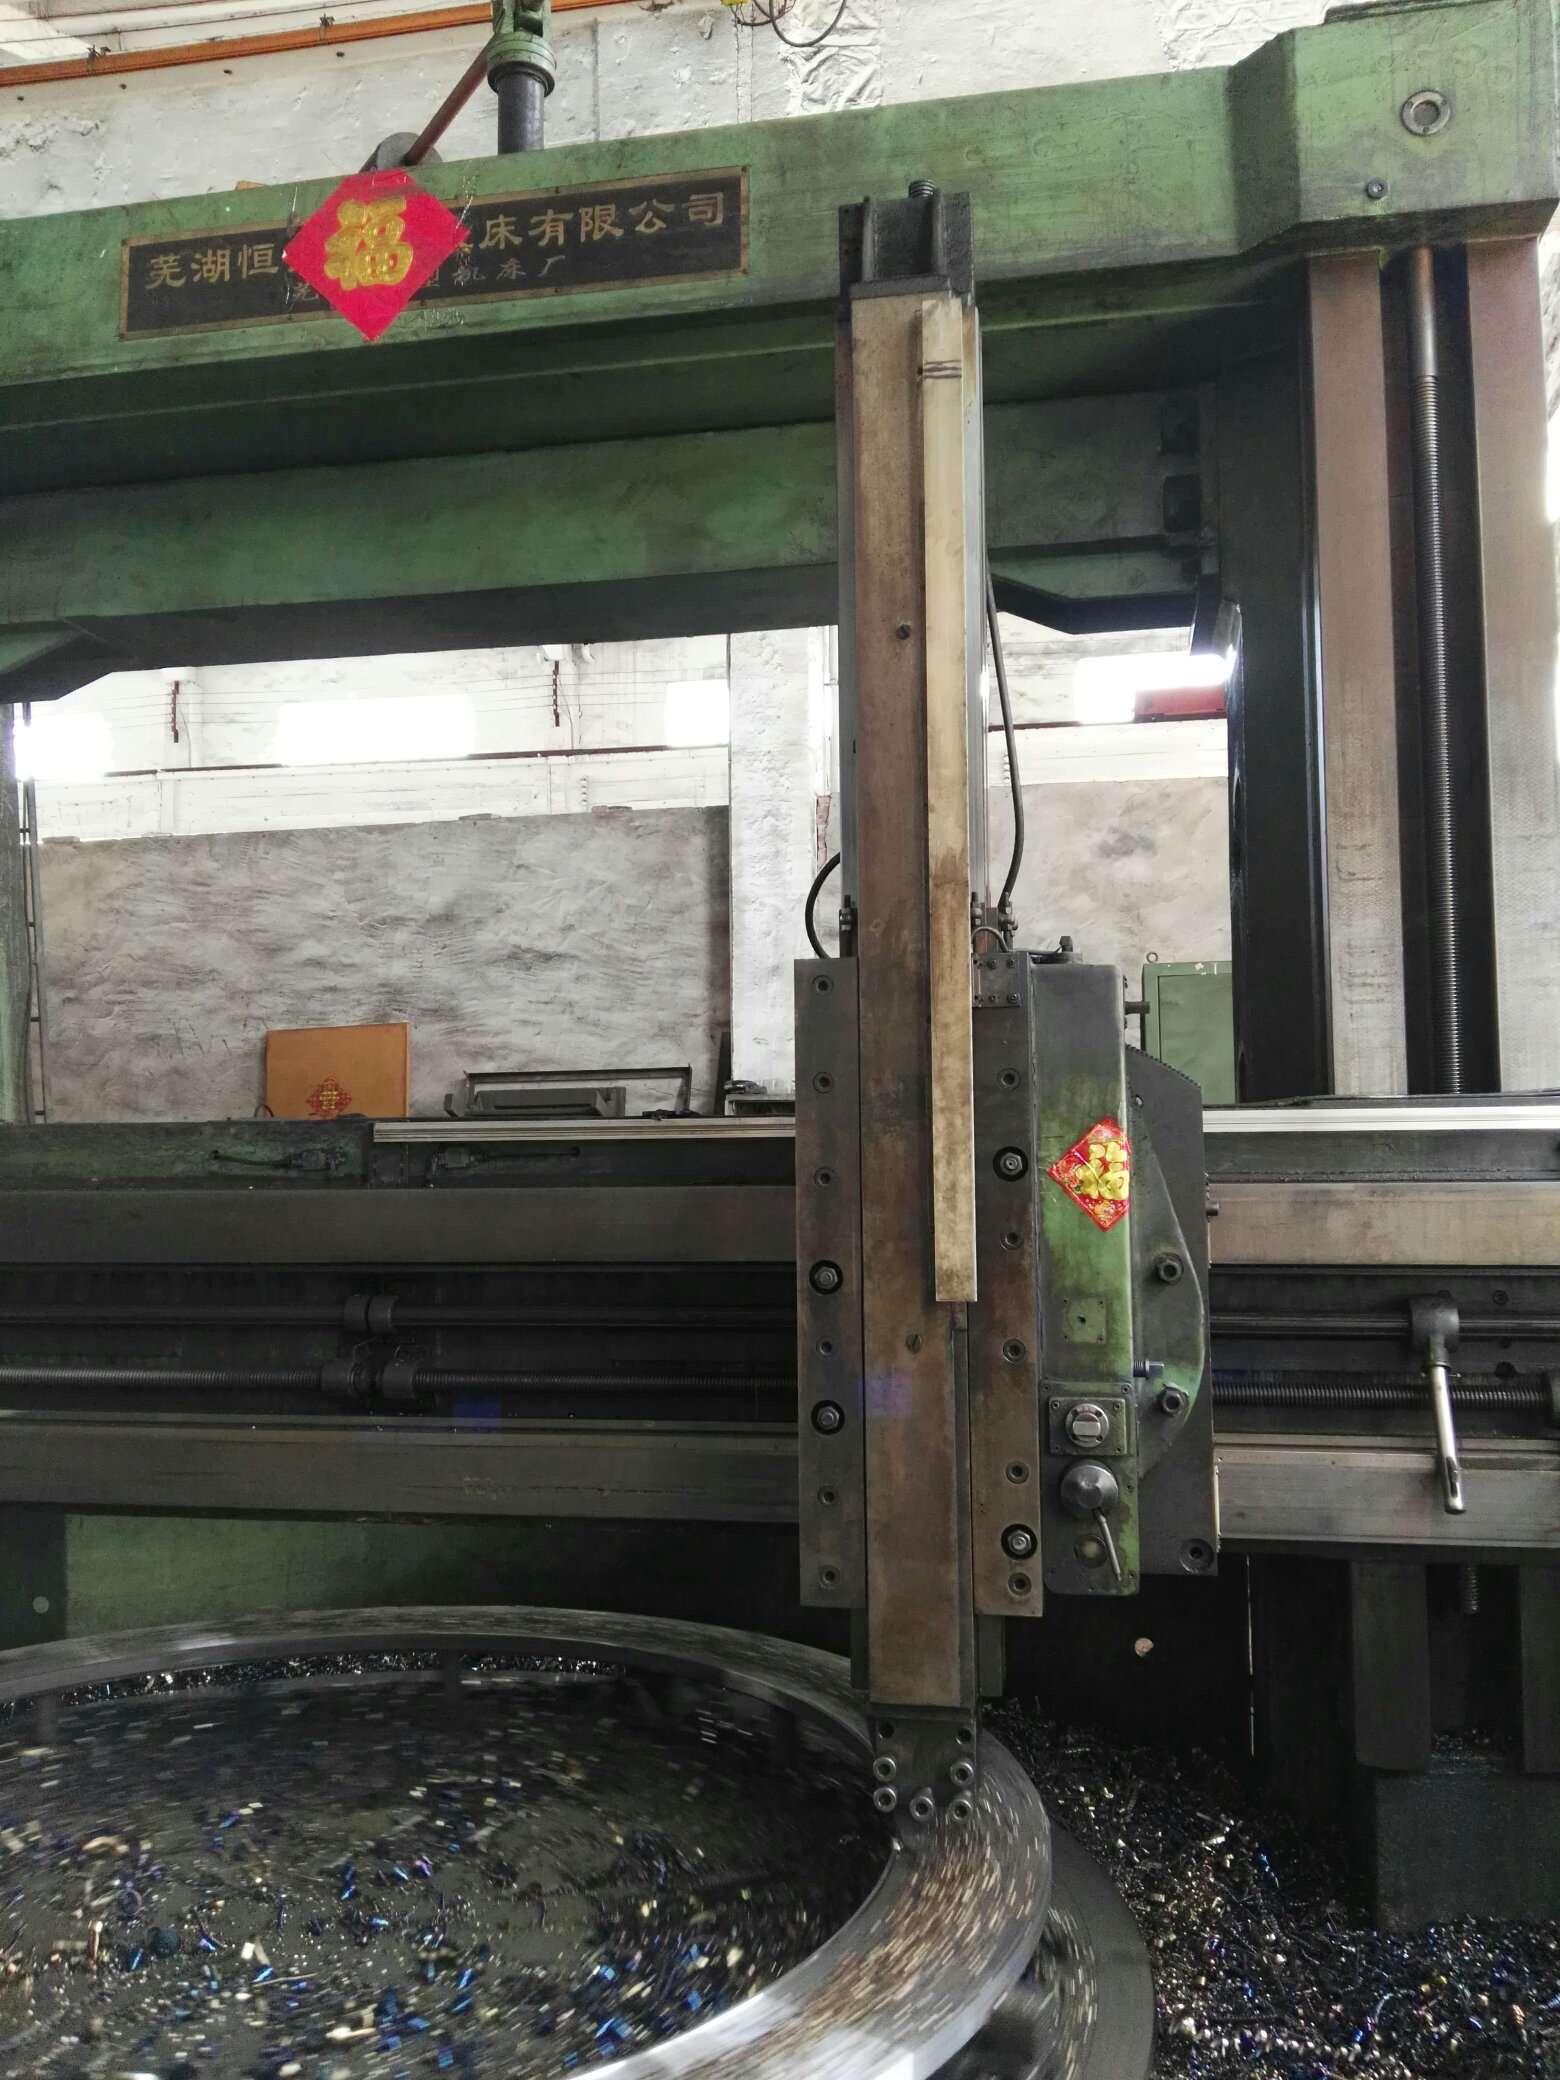 光栅尺安装_车床专用光栅尺的安装方法和安装案例图-苏州泽升精密机械仪器 ...